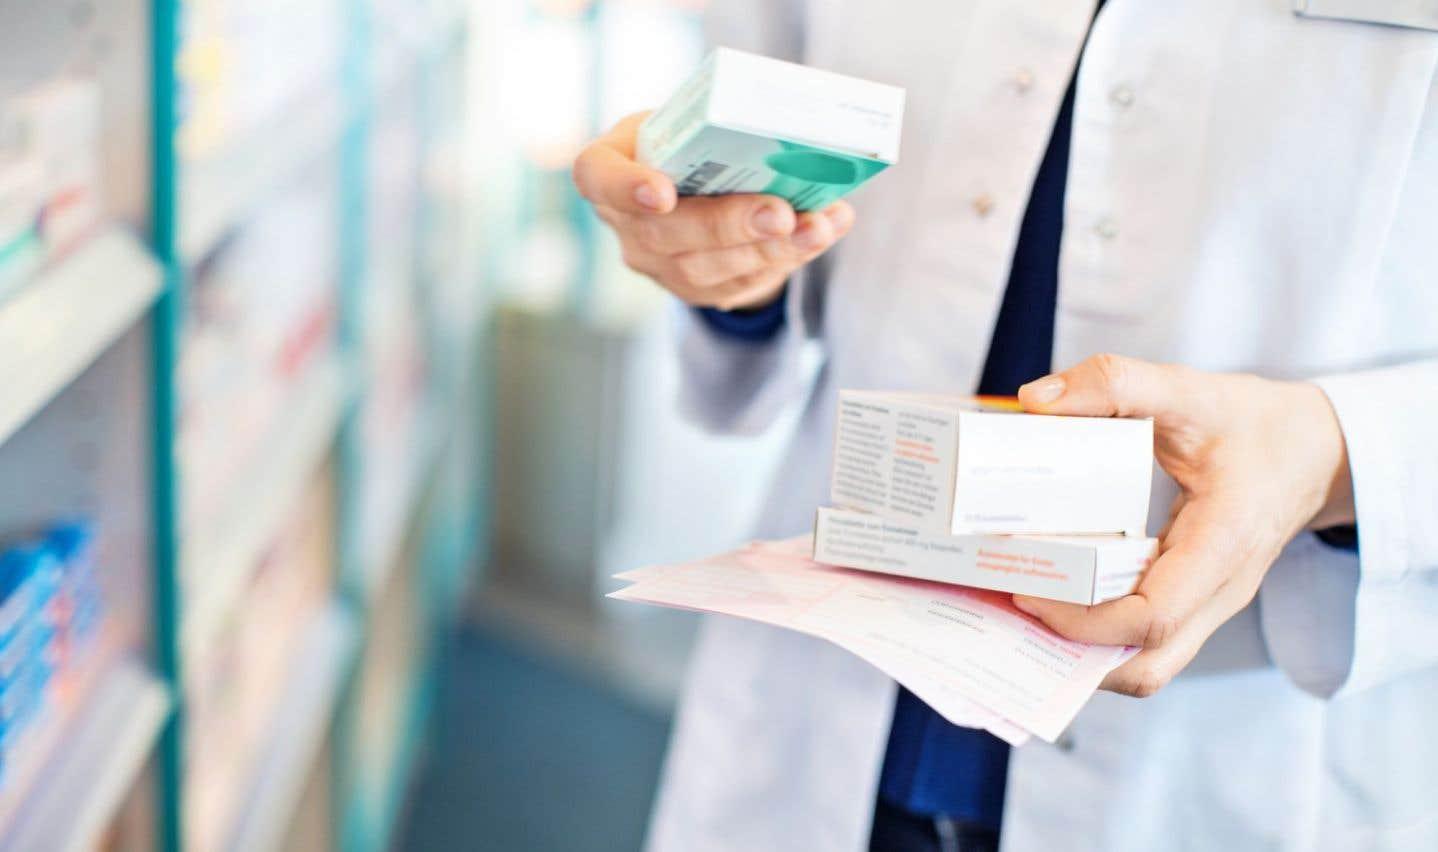 La gonorrhée devient «plus difficile, voire parfois impossible» à traiter à cause de sa résistance aux antibiotiques, prévient l'Organisation mondiale de la santé.